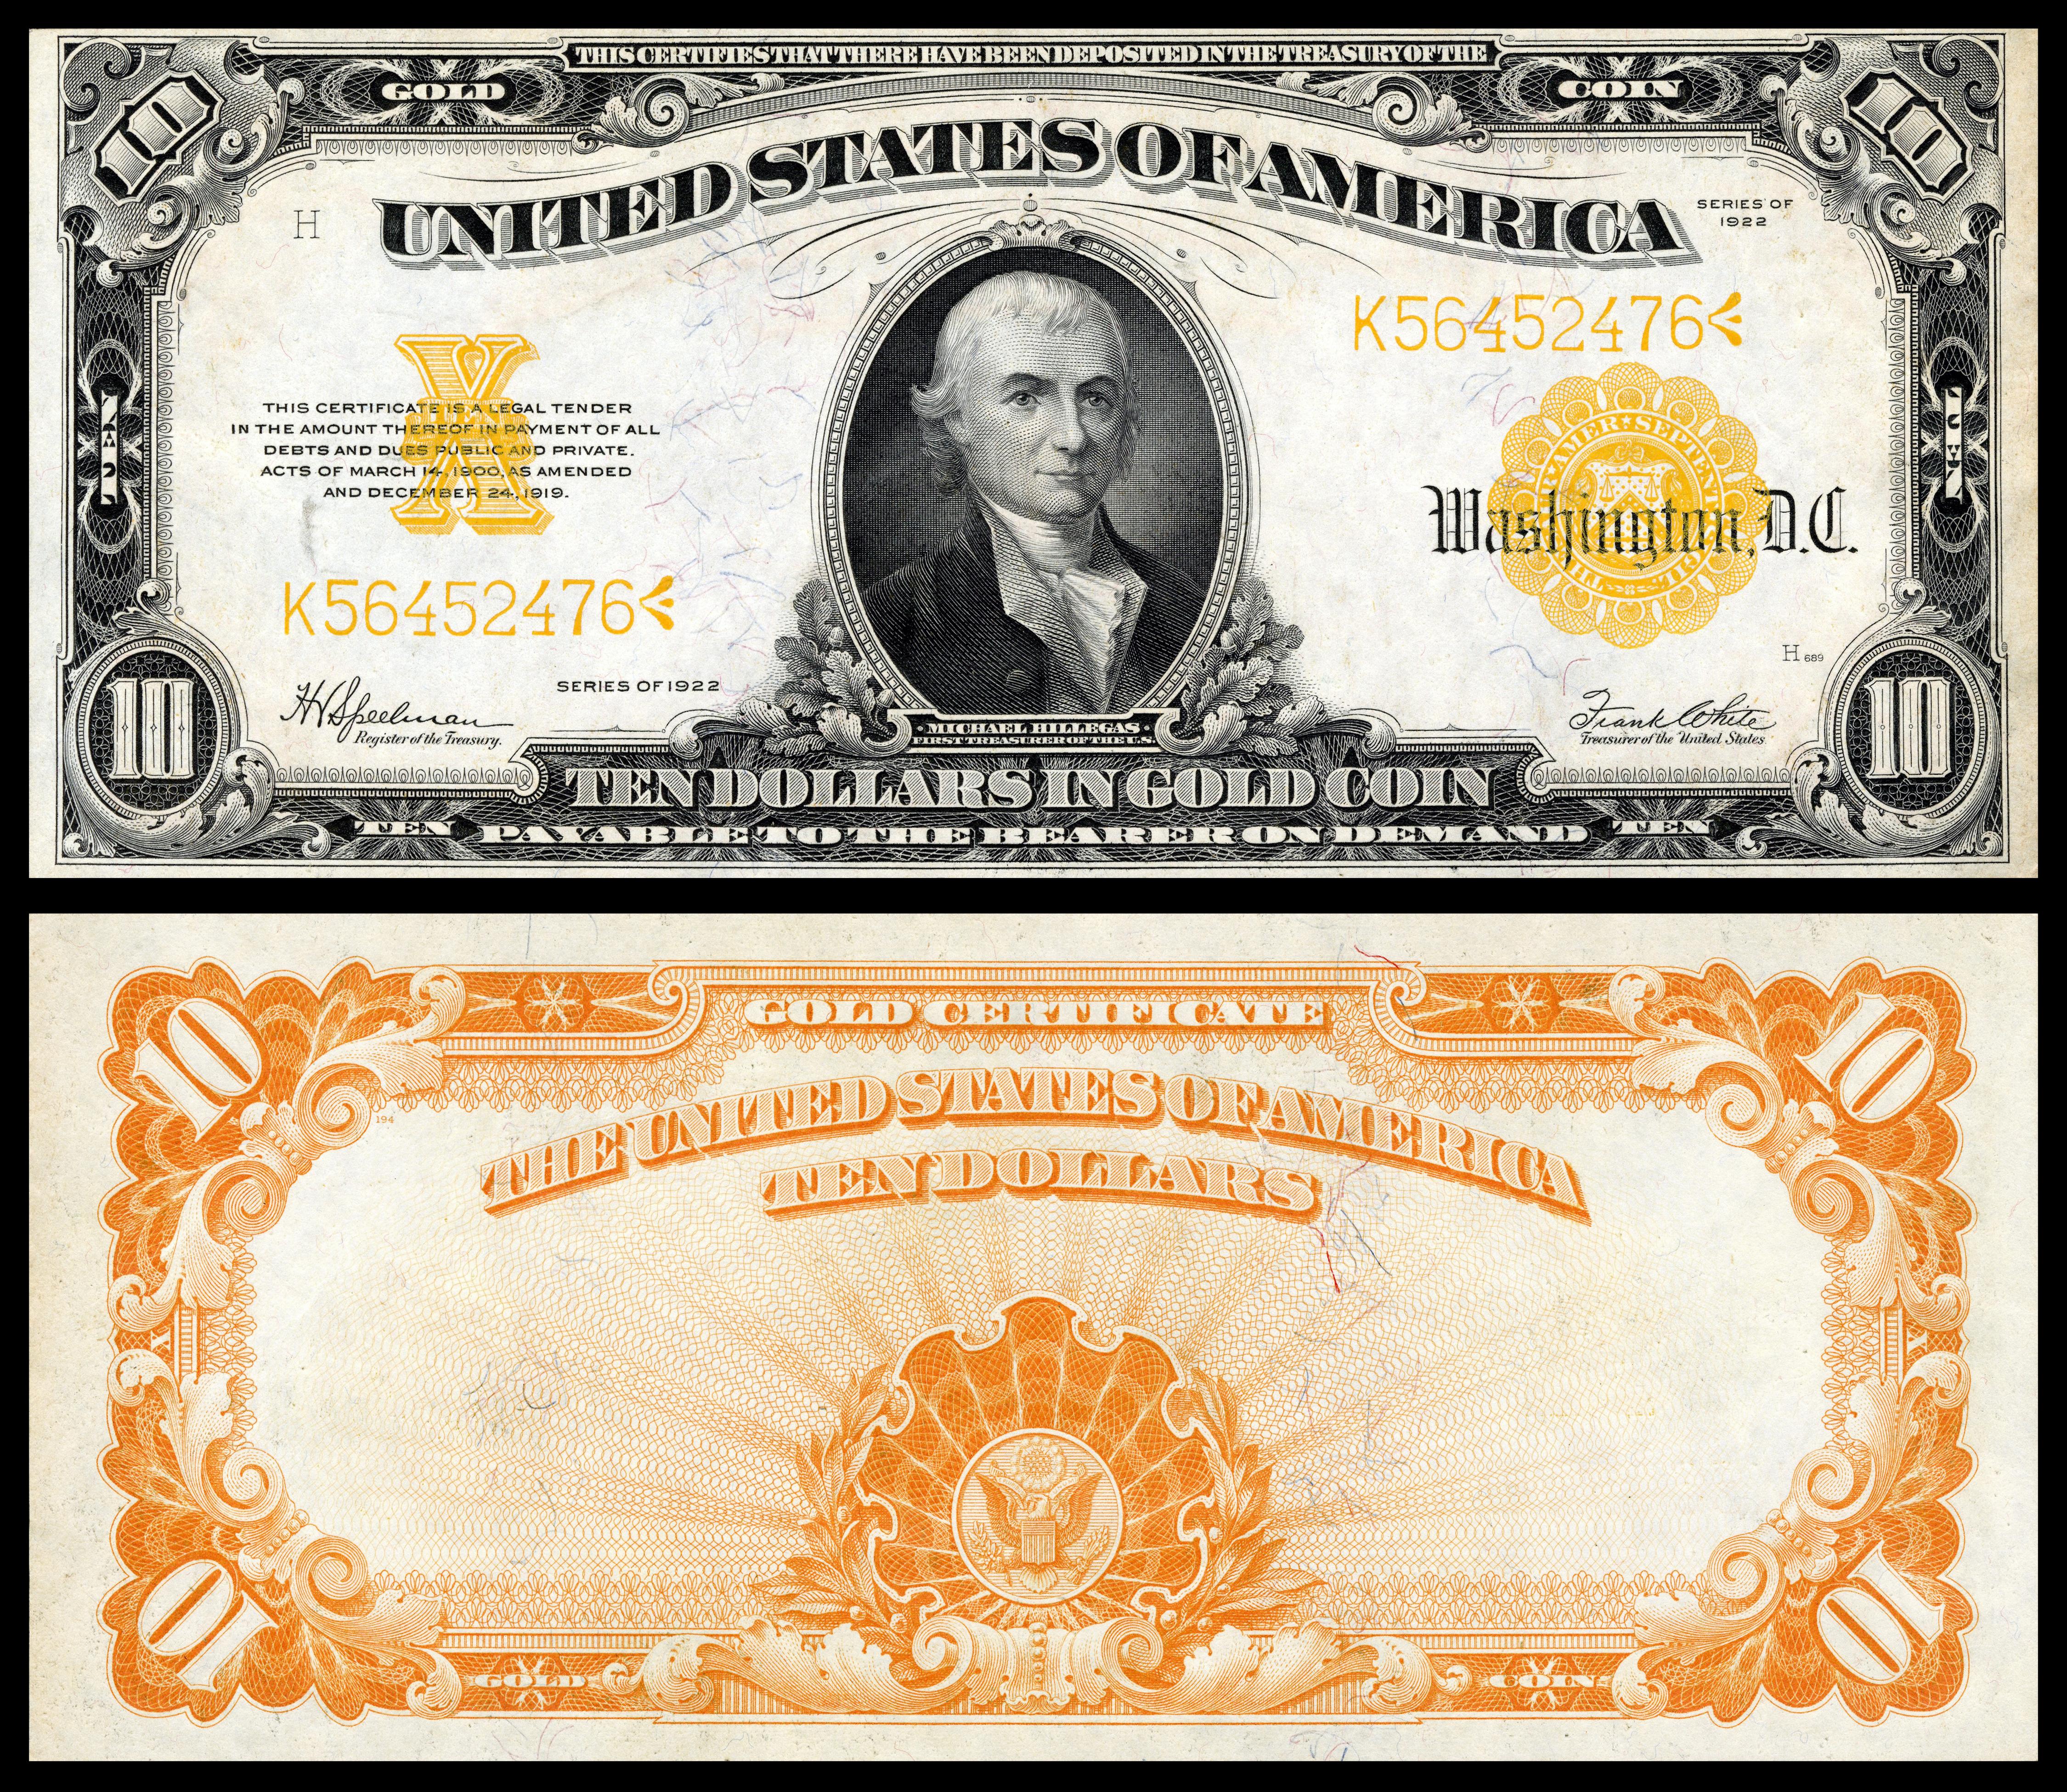 10goldcertificate.he..usedthegoldstandarduntil1934andcontrollednearlyhalfoftheglobalgoldsupplyduringtheinter-warperiod.